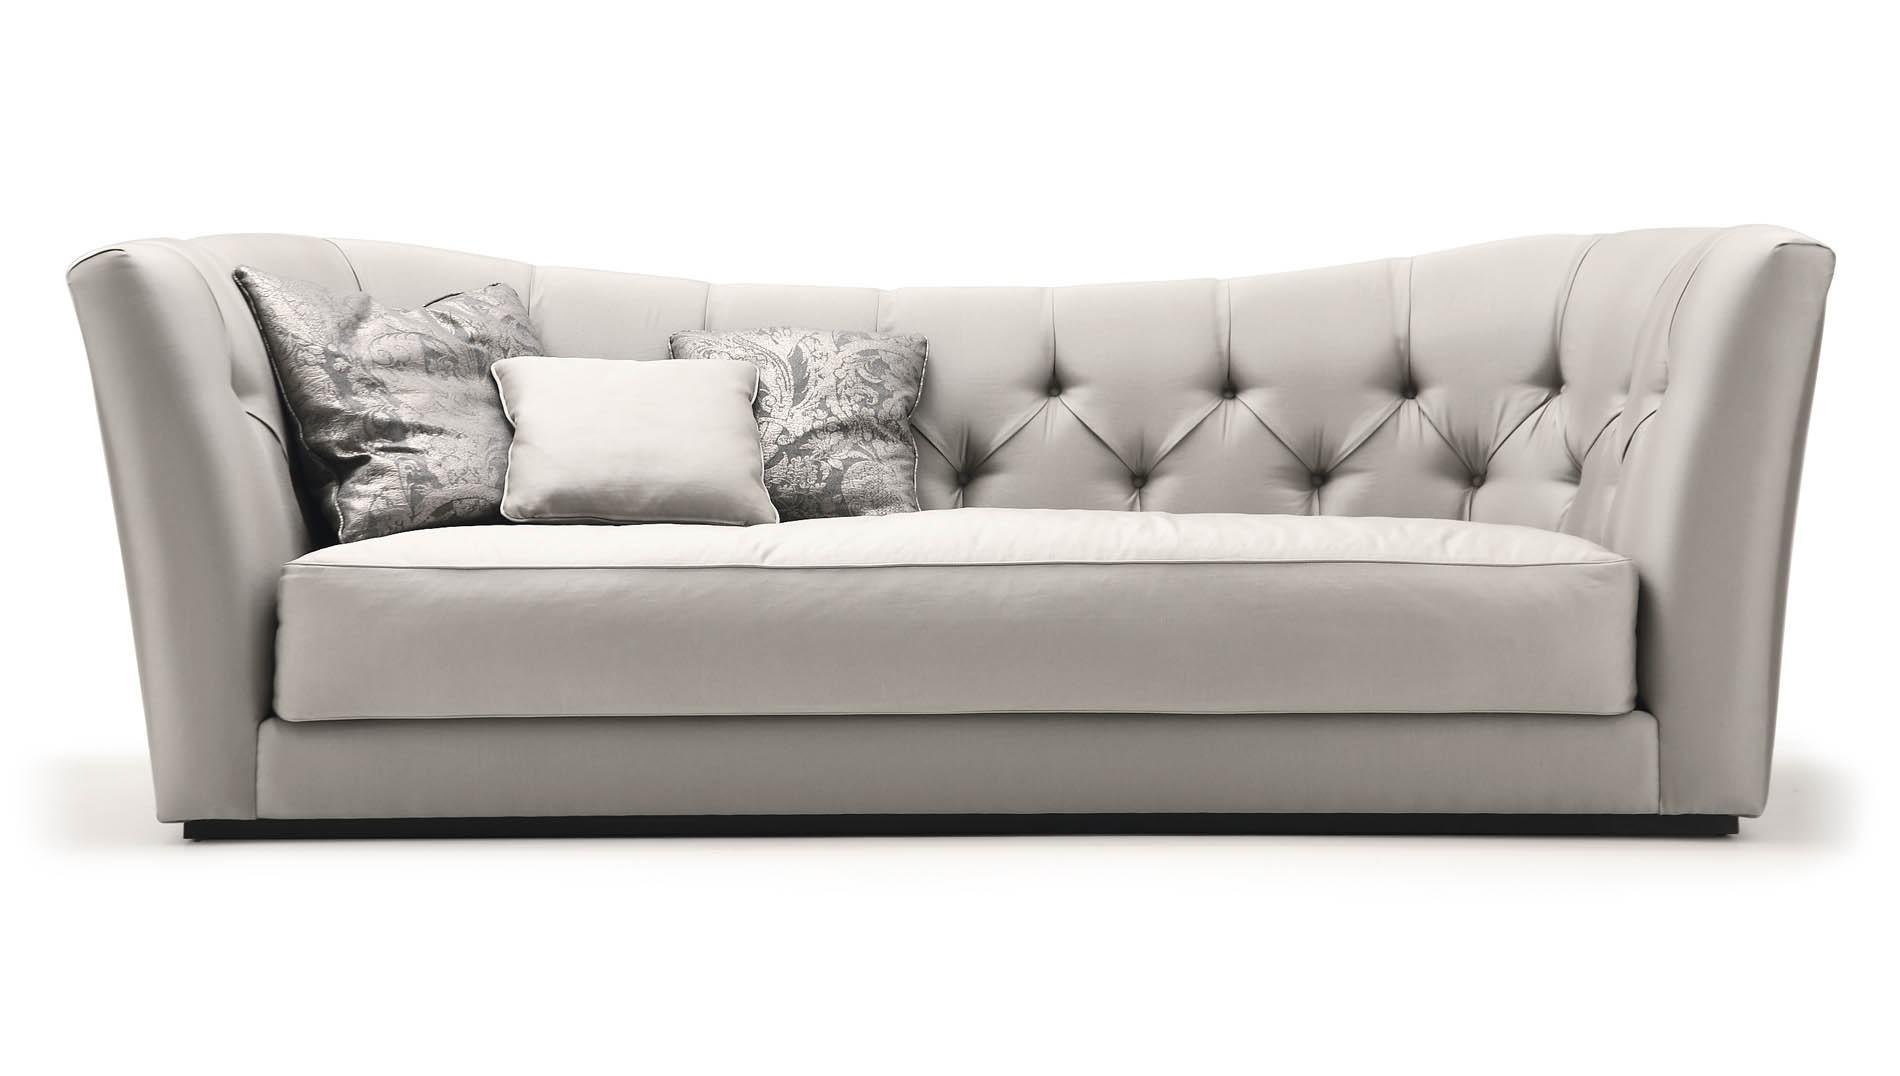 3 seater sofa photos fundas para en peru 20 modern sofas ideas